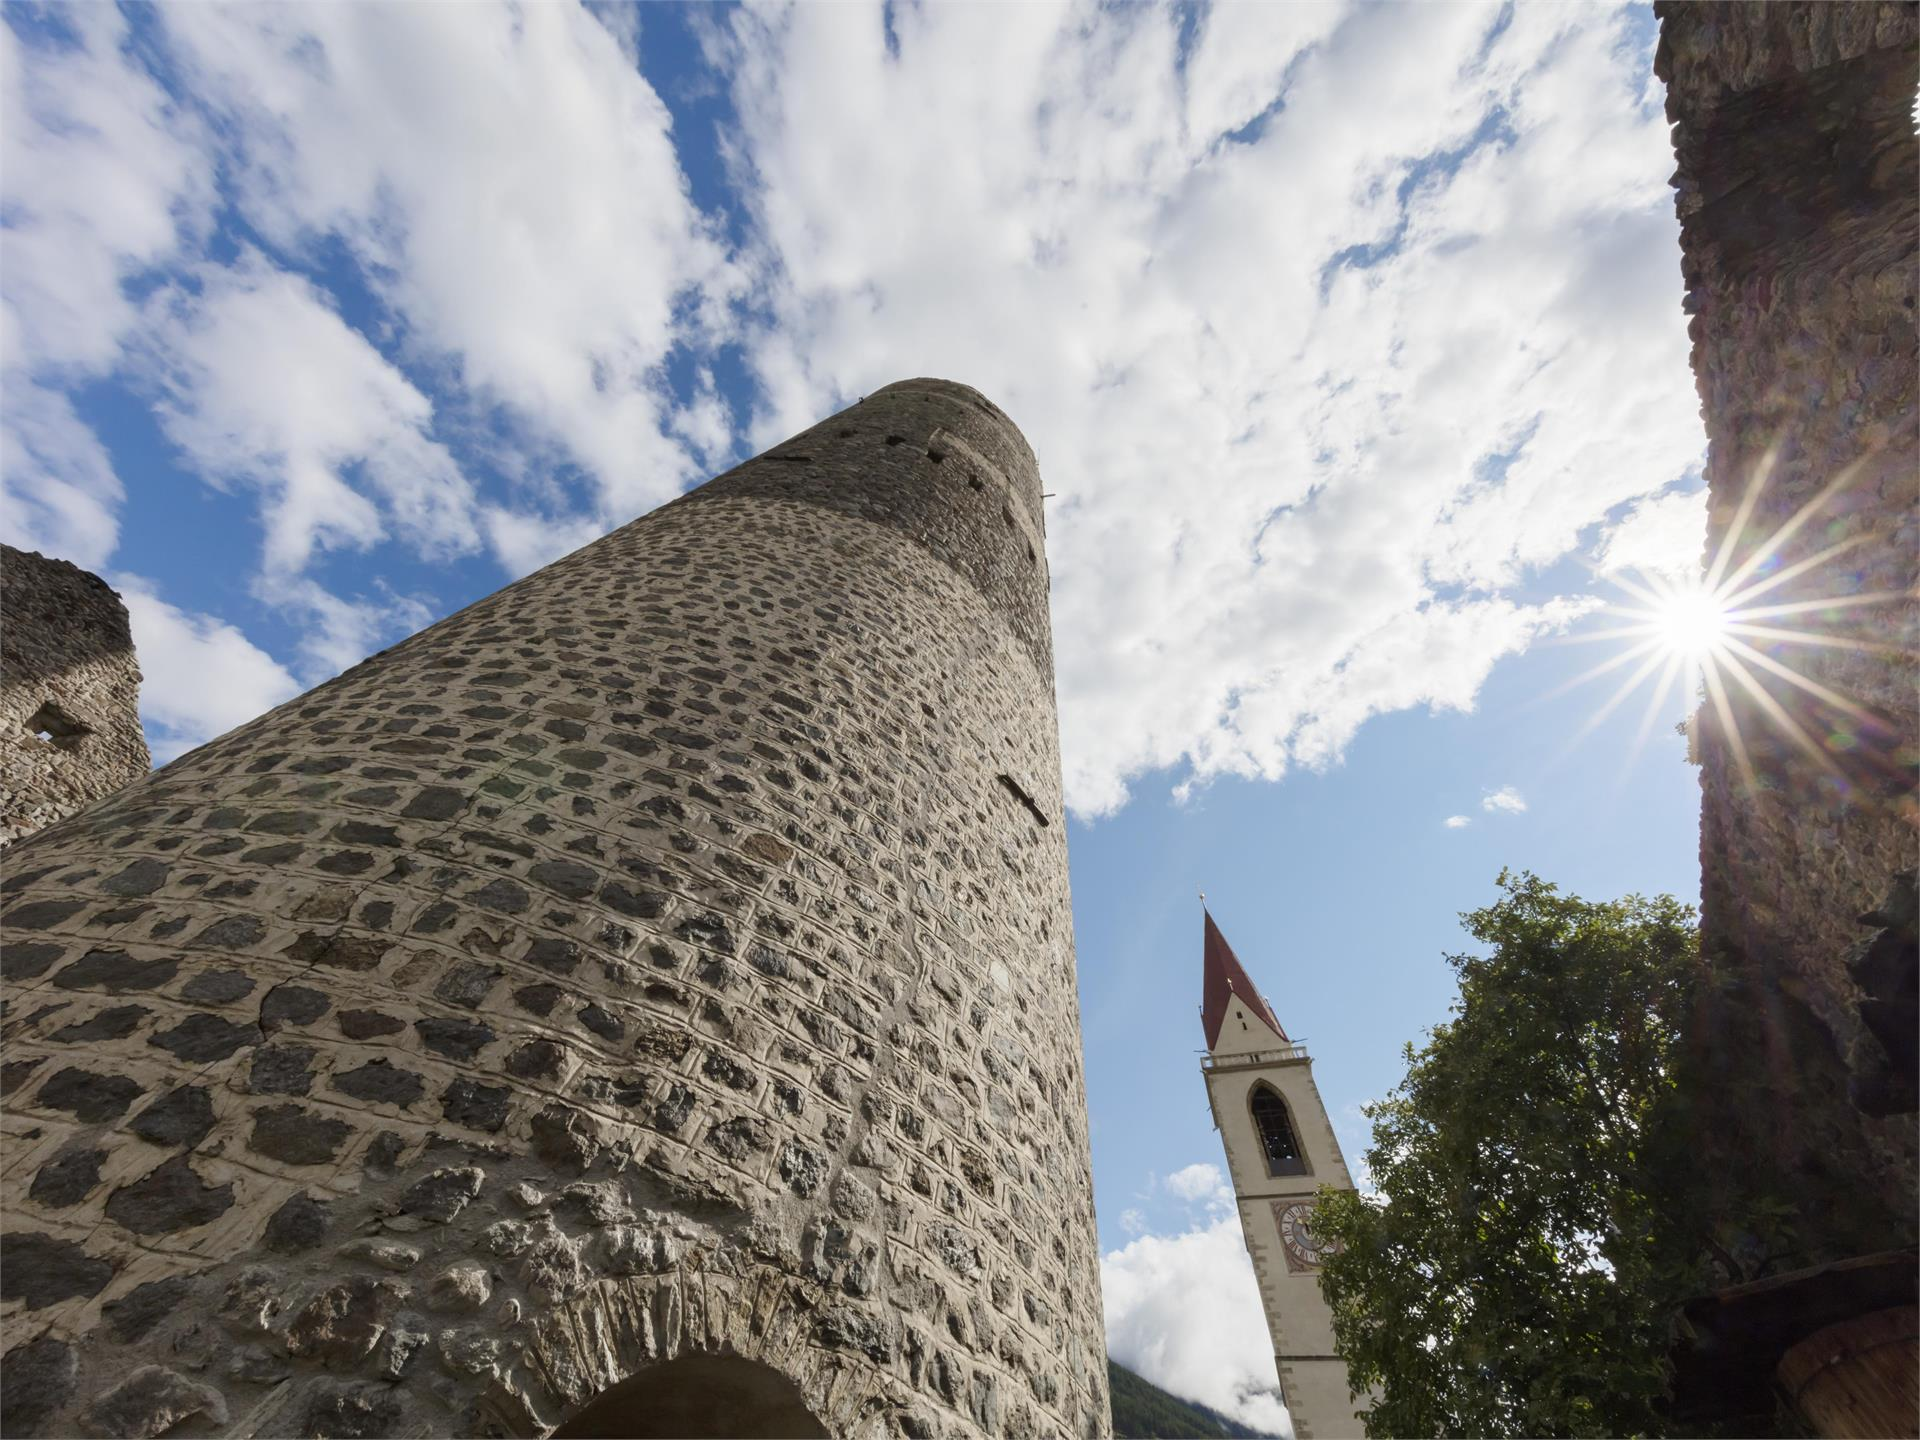 Fröhlich Tower